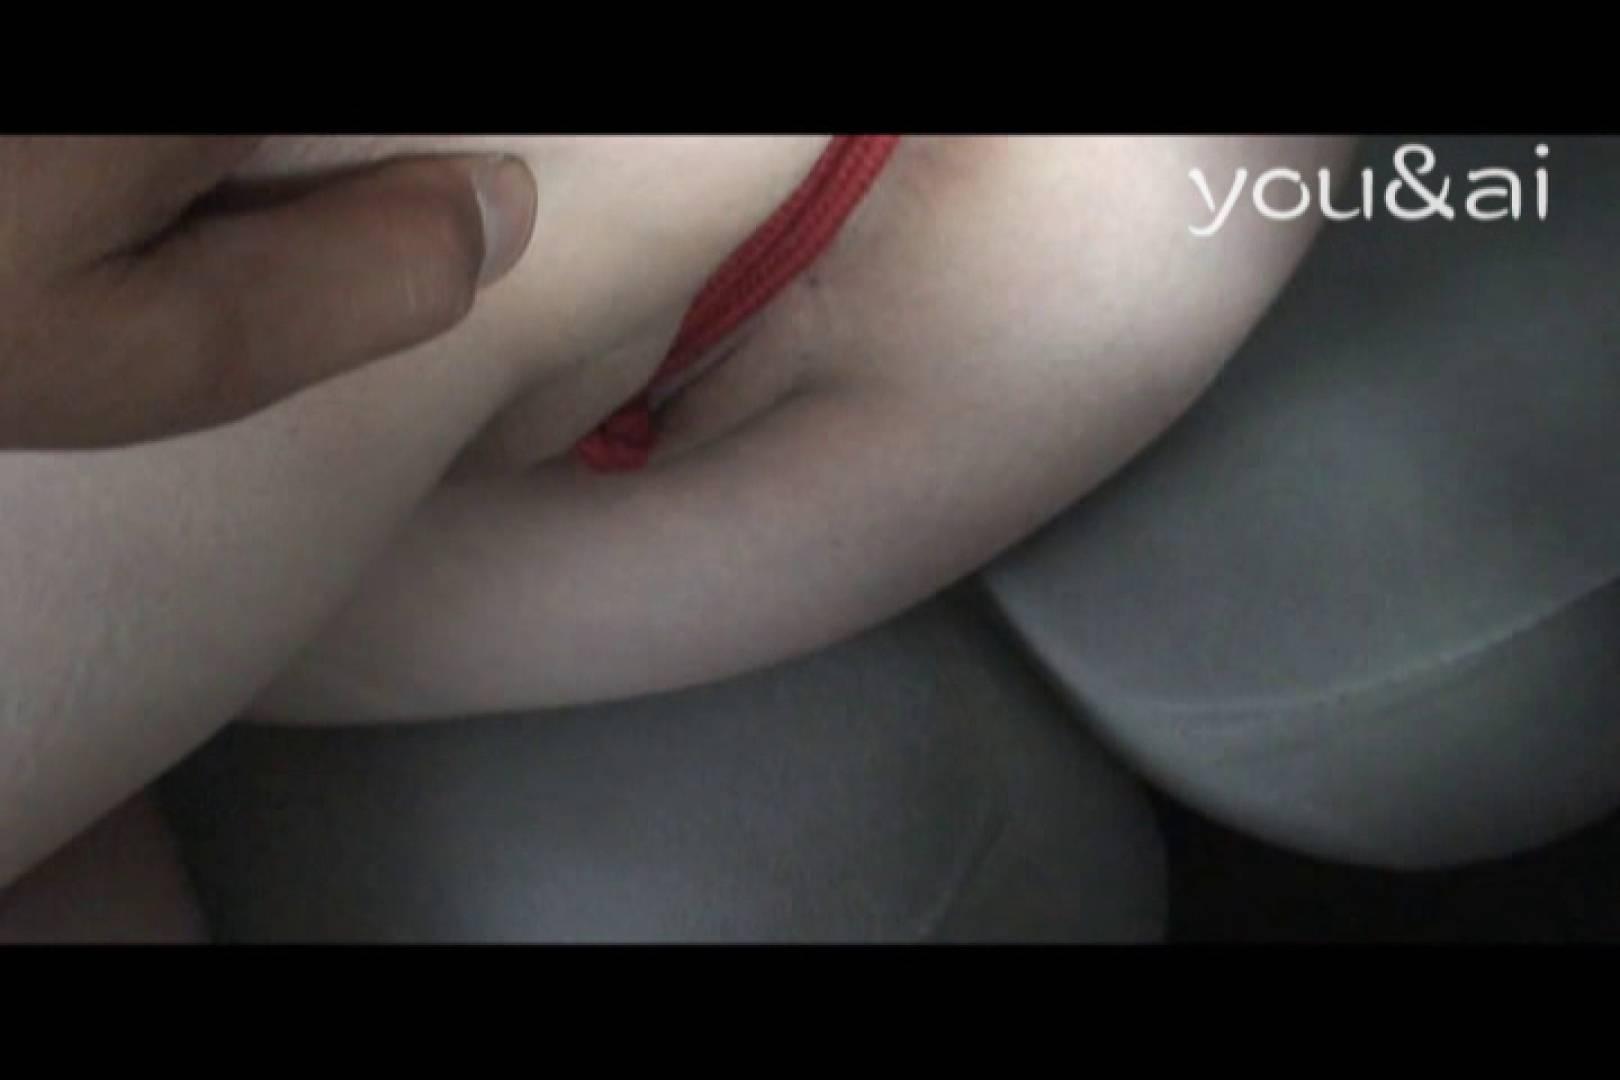 おしどり夫婦のyou&aiさん投稿作品vol.4 セックス AV動画キャプチャ 104枚 17